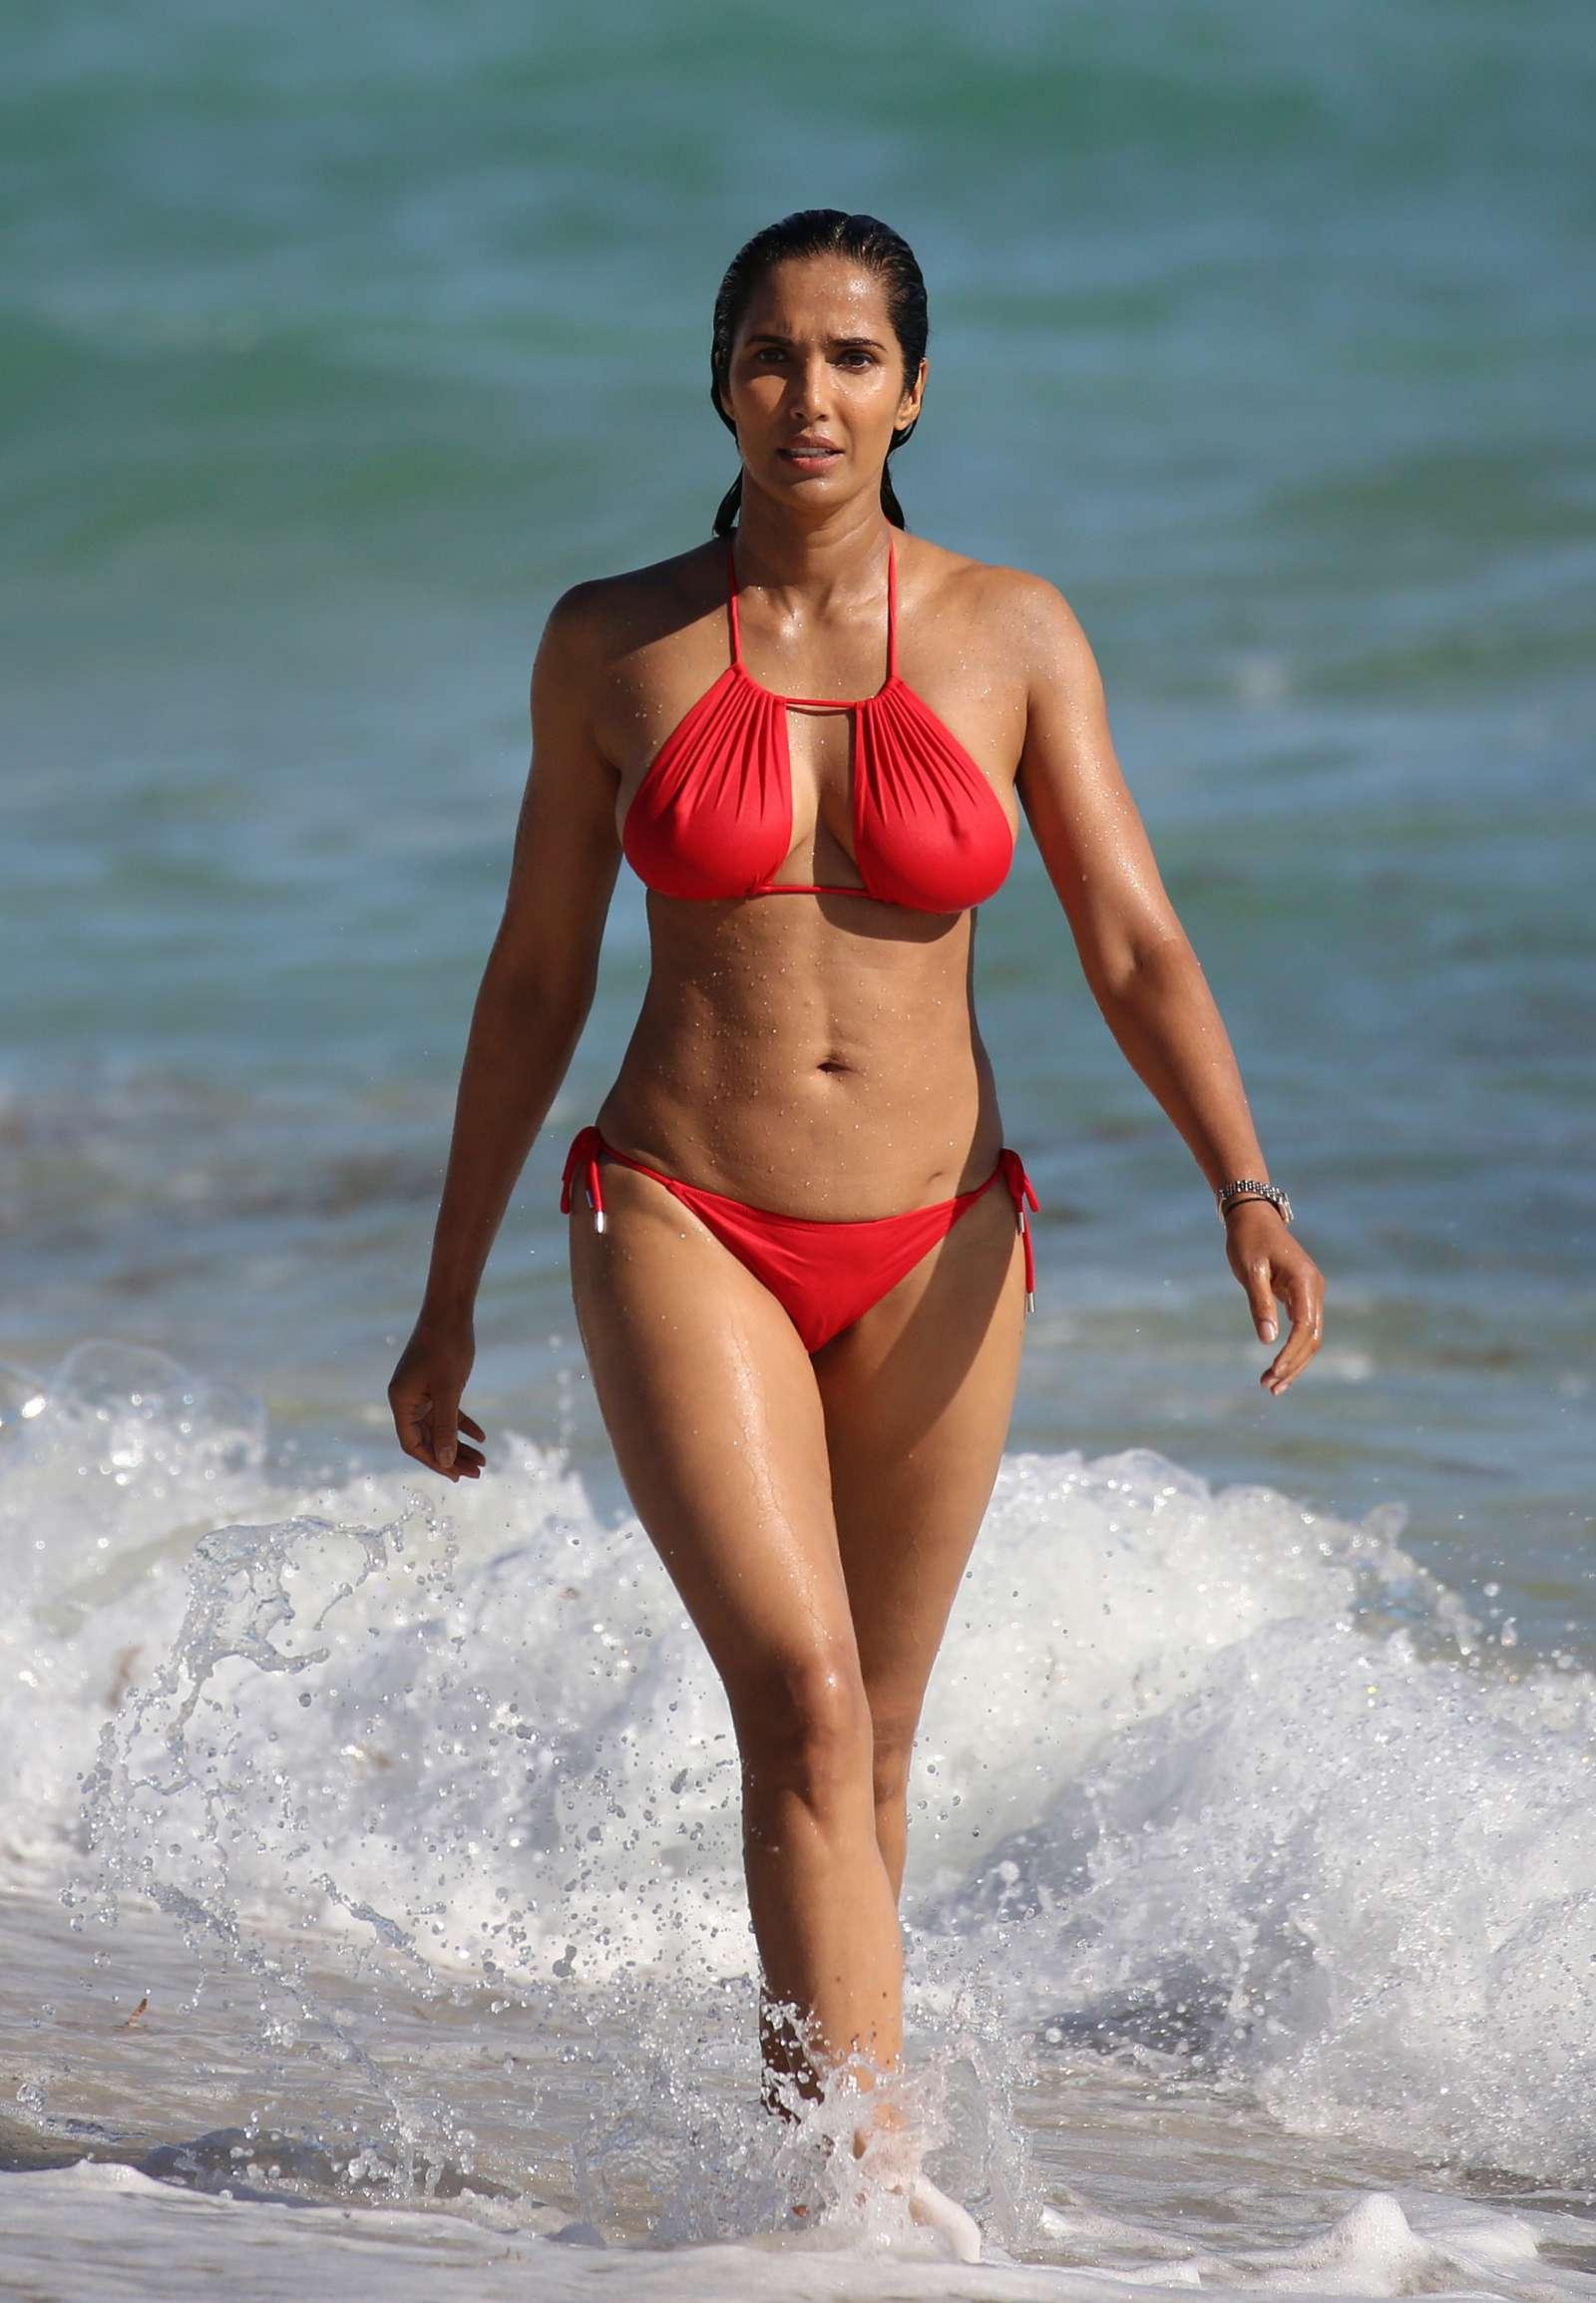 Padma Lakshmi 2019 : Padma Lakshmi in Red Bikini -12